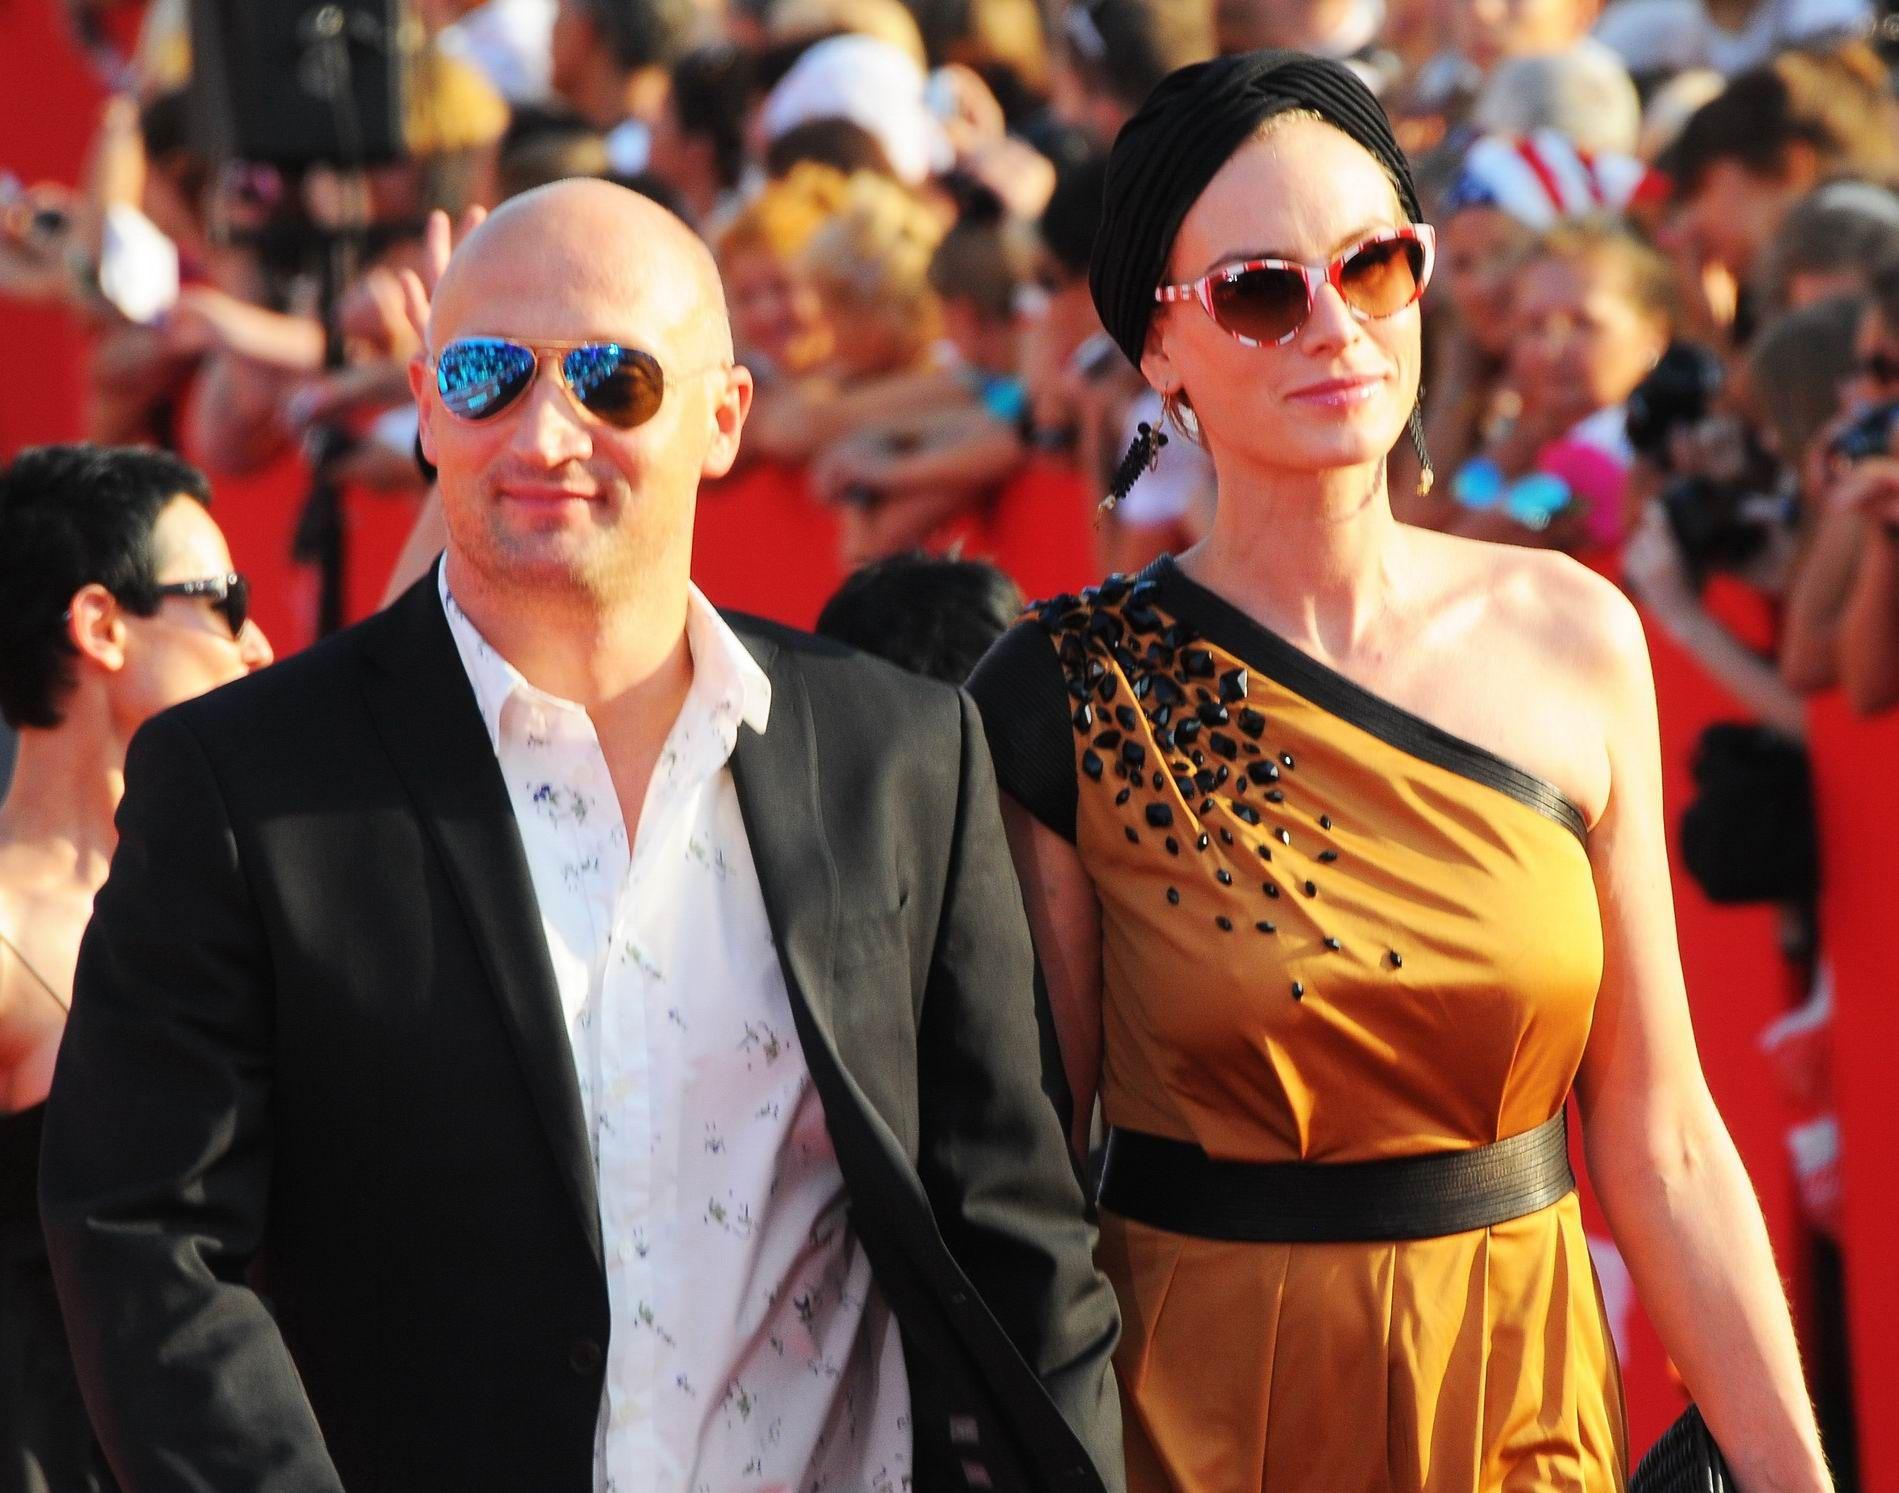 Дмитрий марьянов фото с женой свадьба